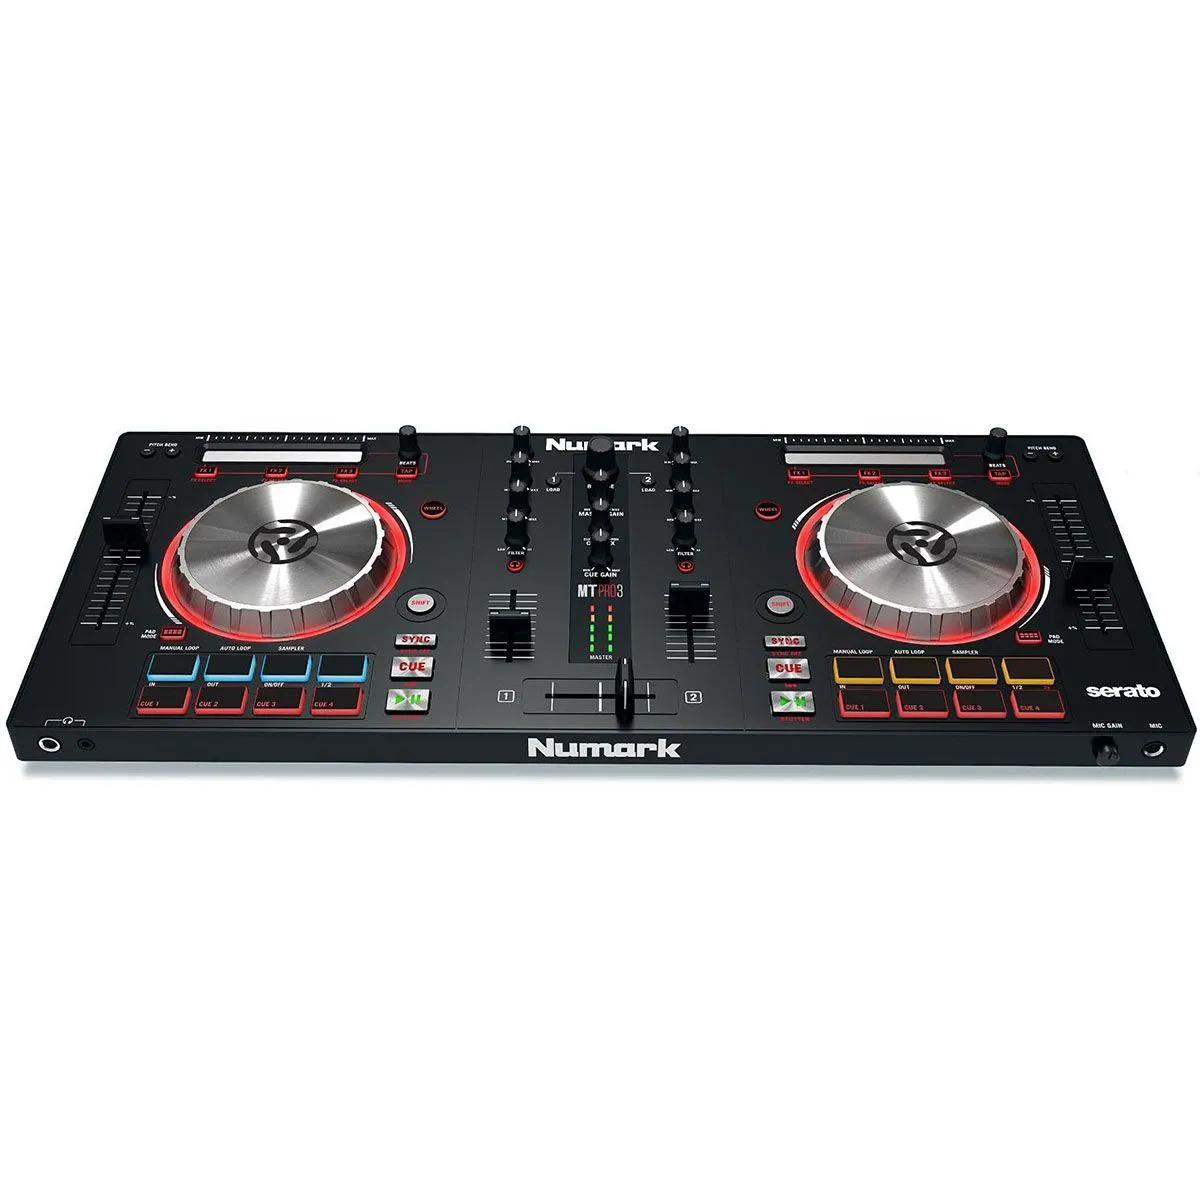 Controlador DJ Numark Mixtrack Pro 3 USB Serato DJ